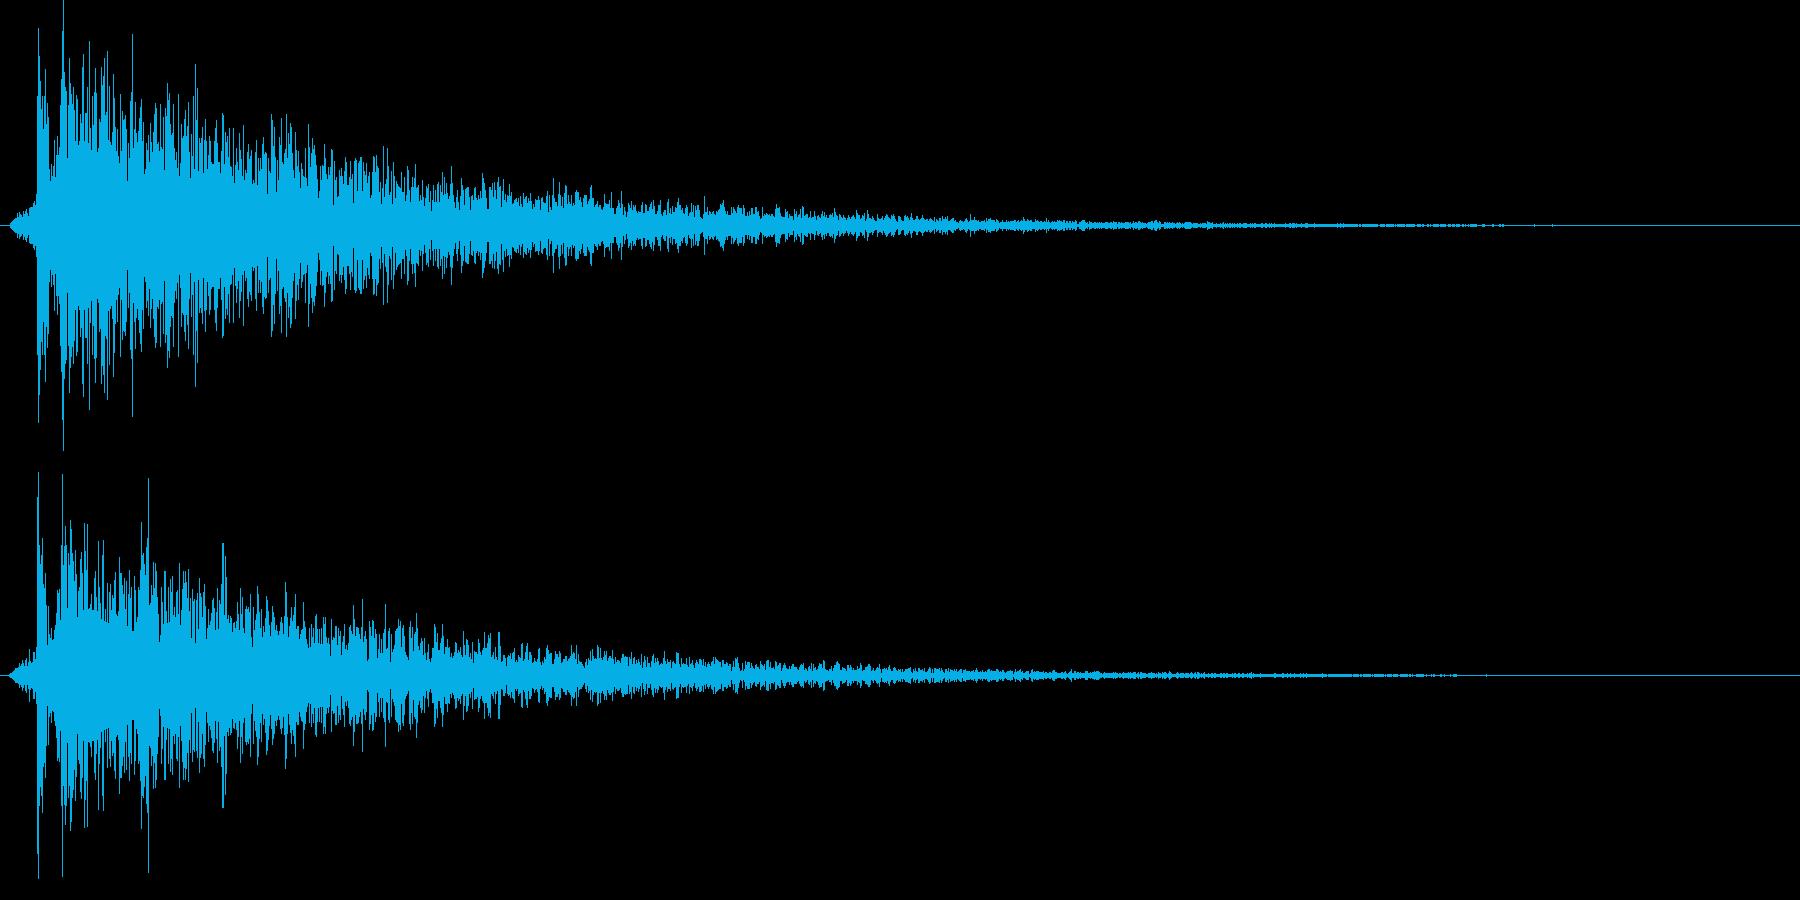 カポーン(お風呂・銭湯・温泉)ワイド版の再生済みの波形